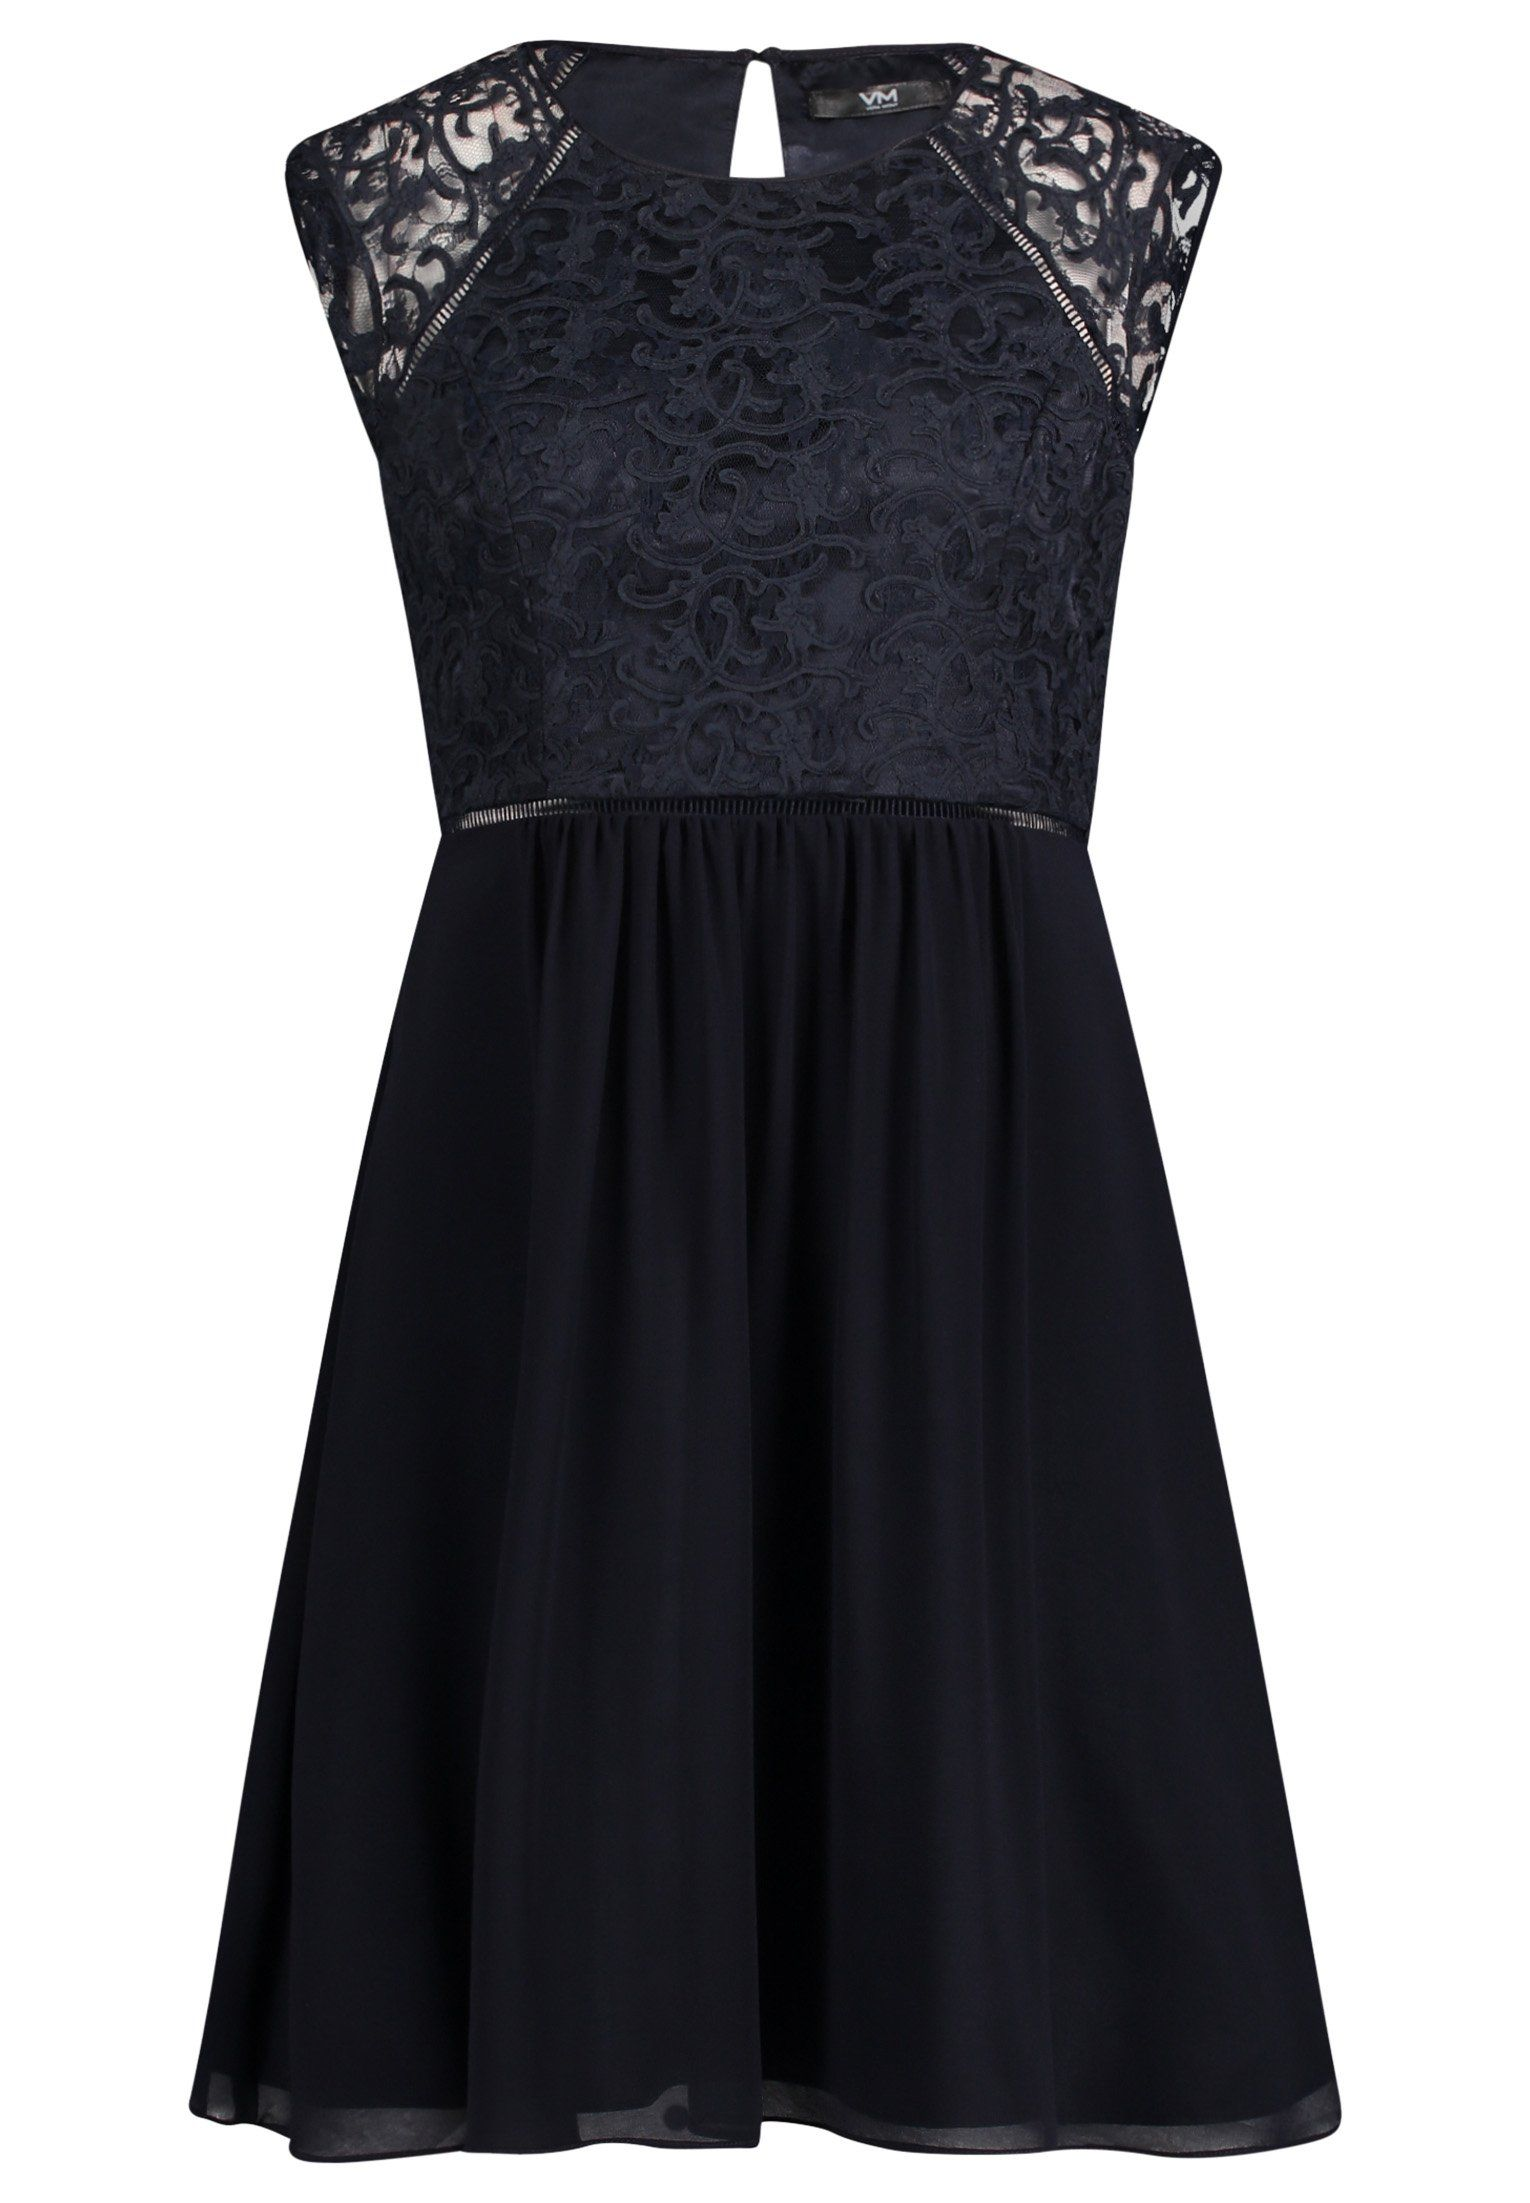 vera mont noos kleid in 2020 | black dress, fashion, little